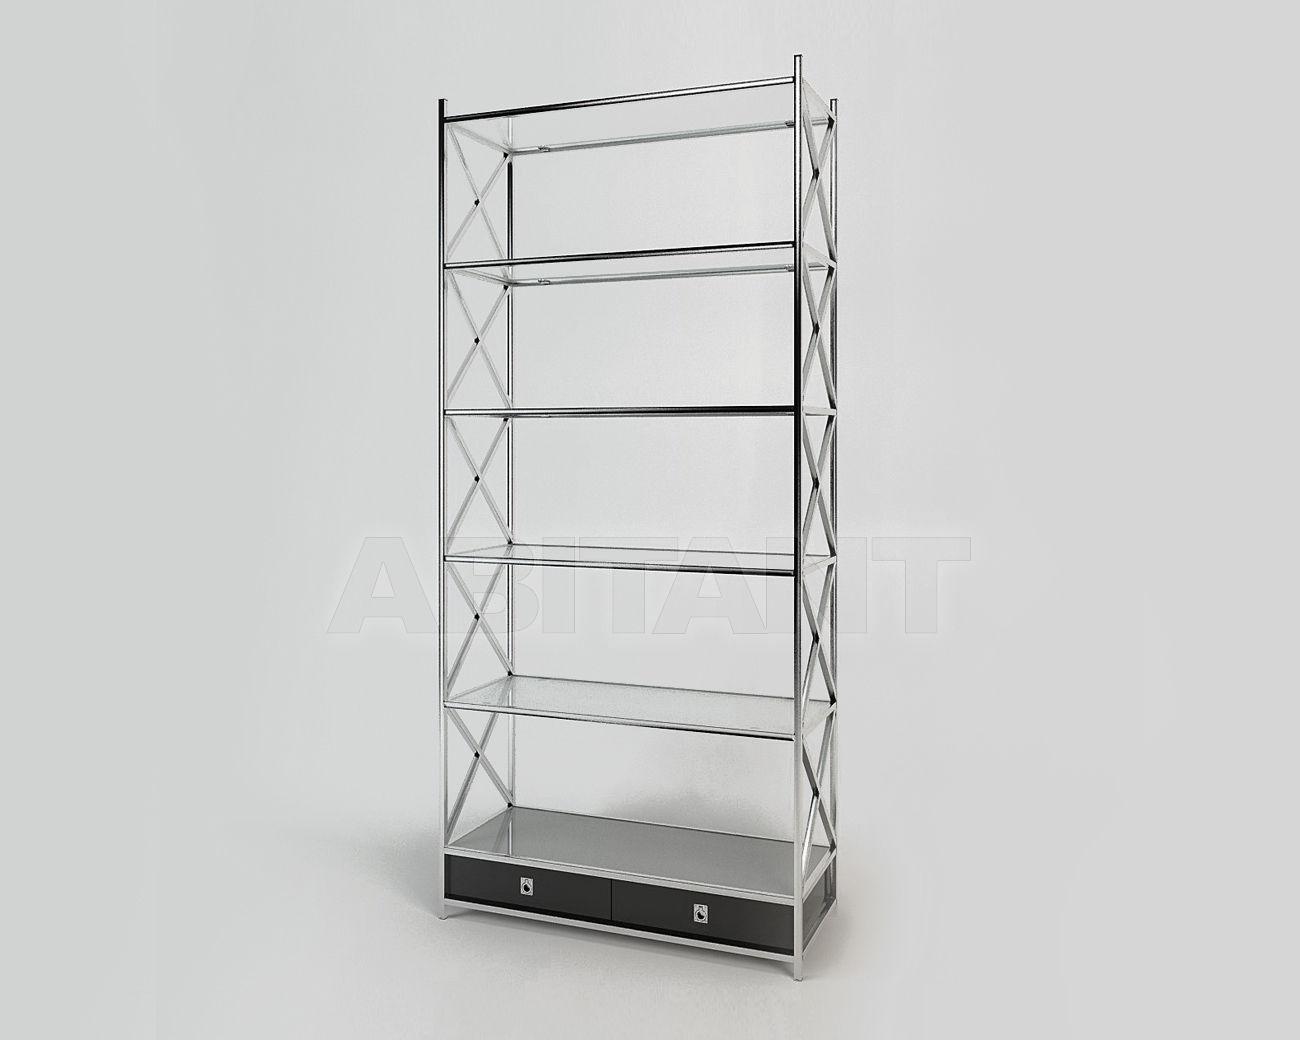 Купить Стеллаж Vanderbilt Eichholtz  Cabinets 105644